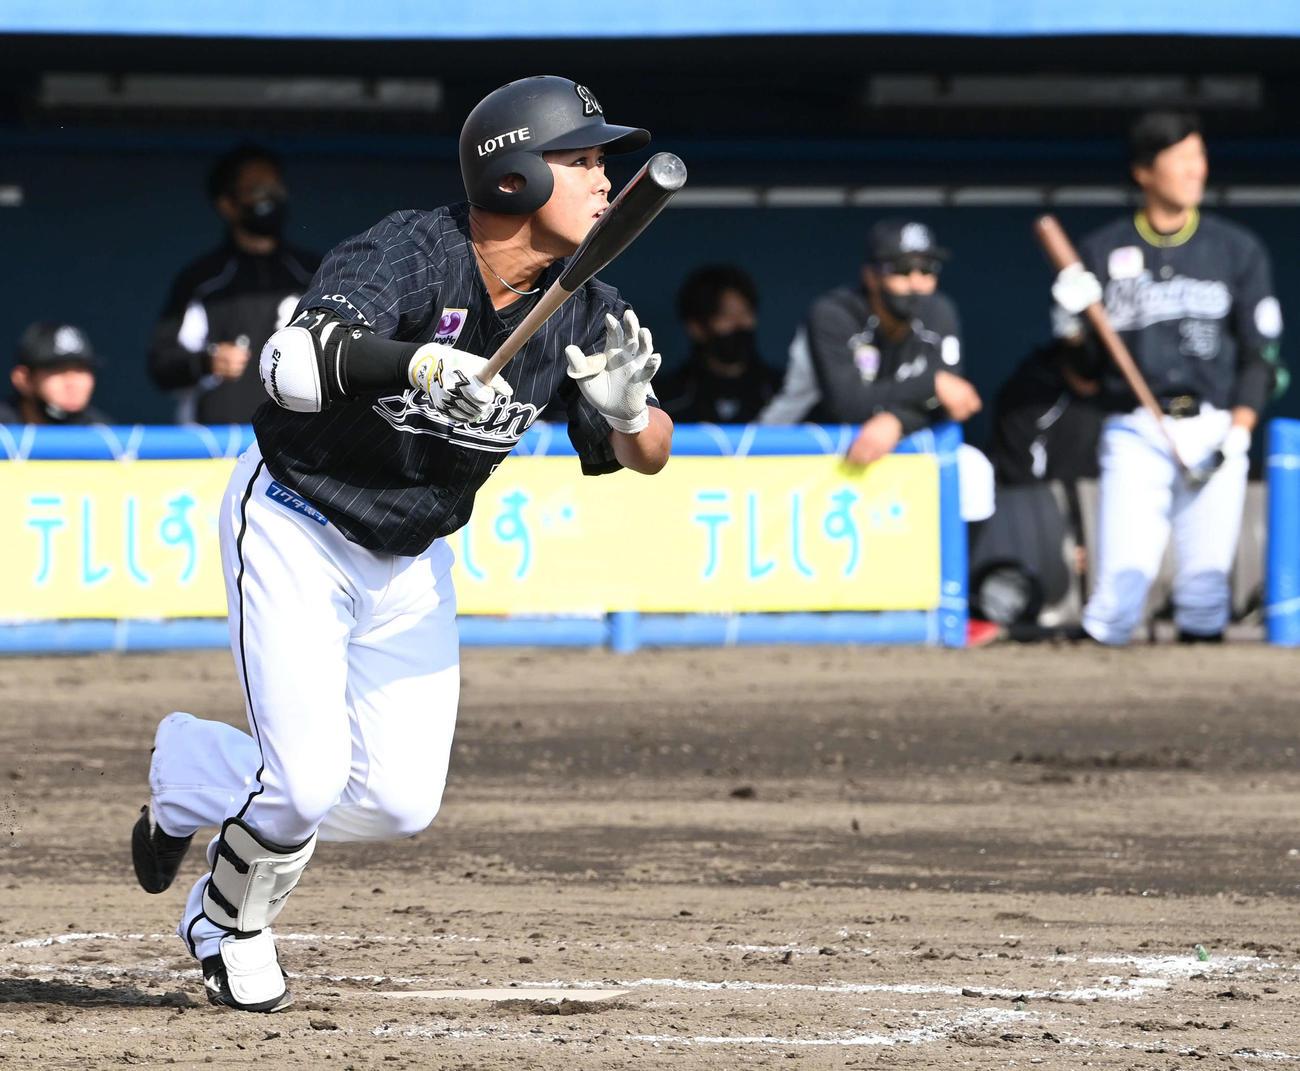 楽天対ロッテ 8回表ロッテ無死、平沢は右越えソロ本塁打を放つ(撮影・山崎安昭)